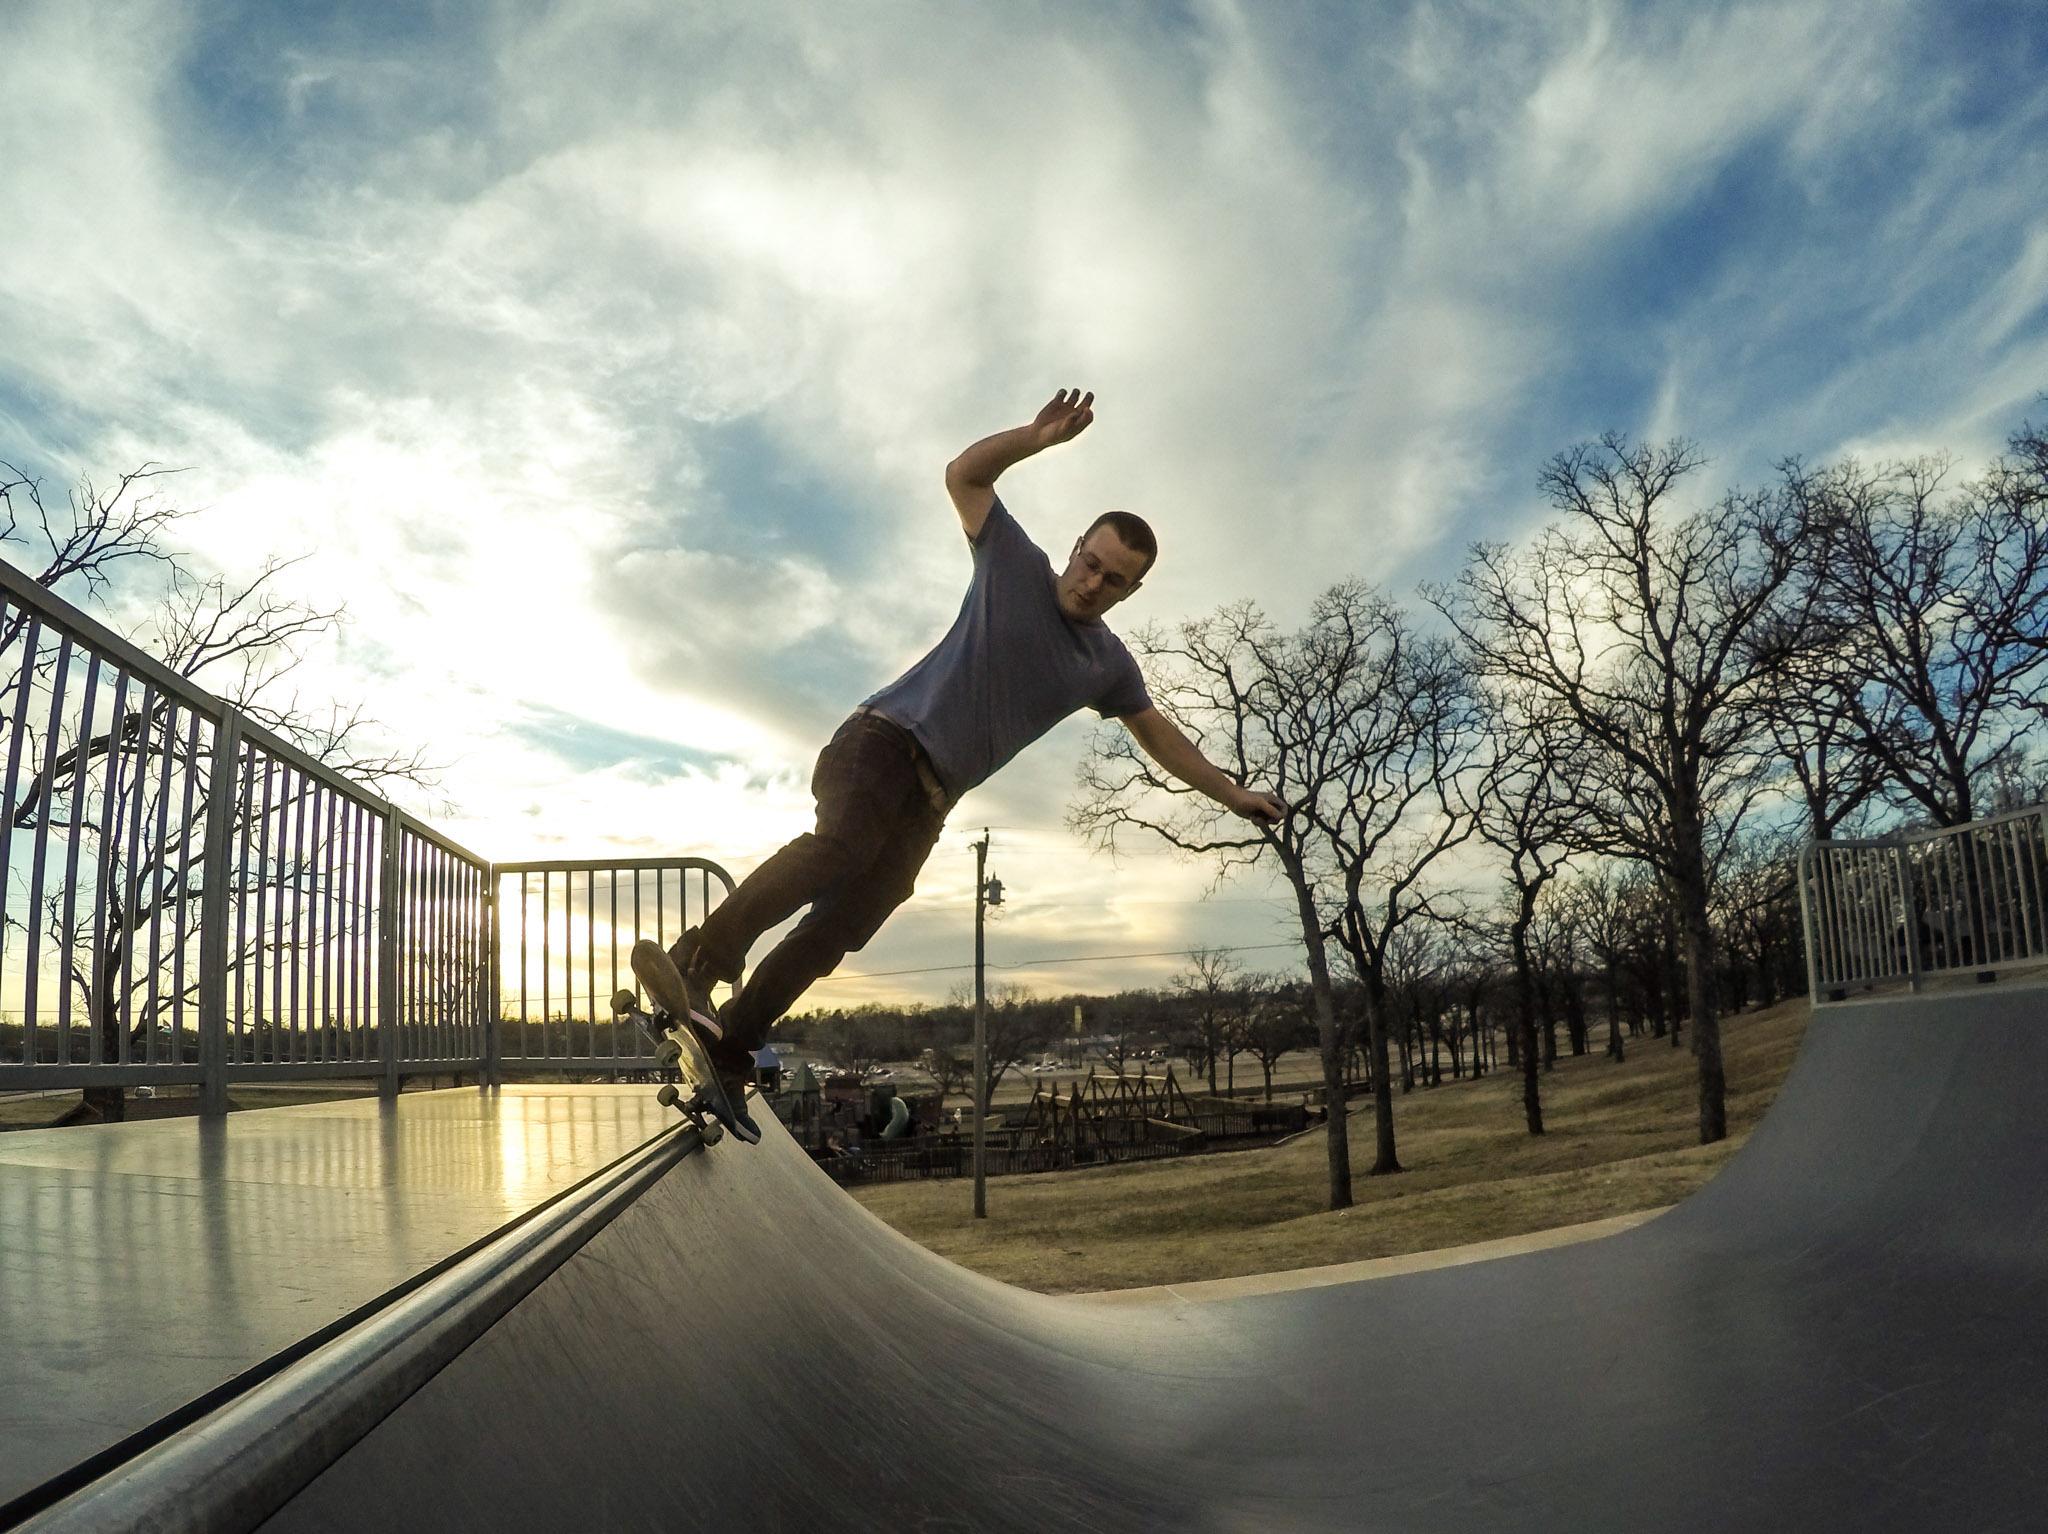 Ryan 5-0 grind skateboarding